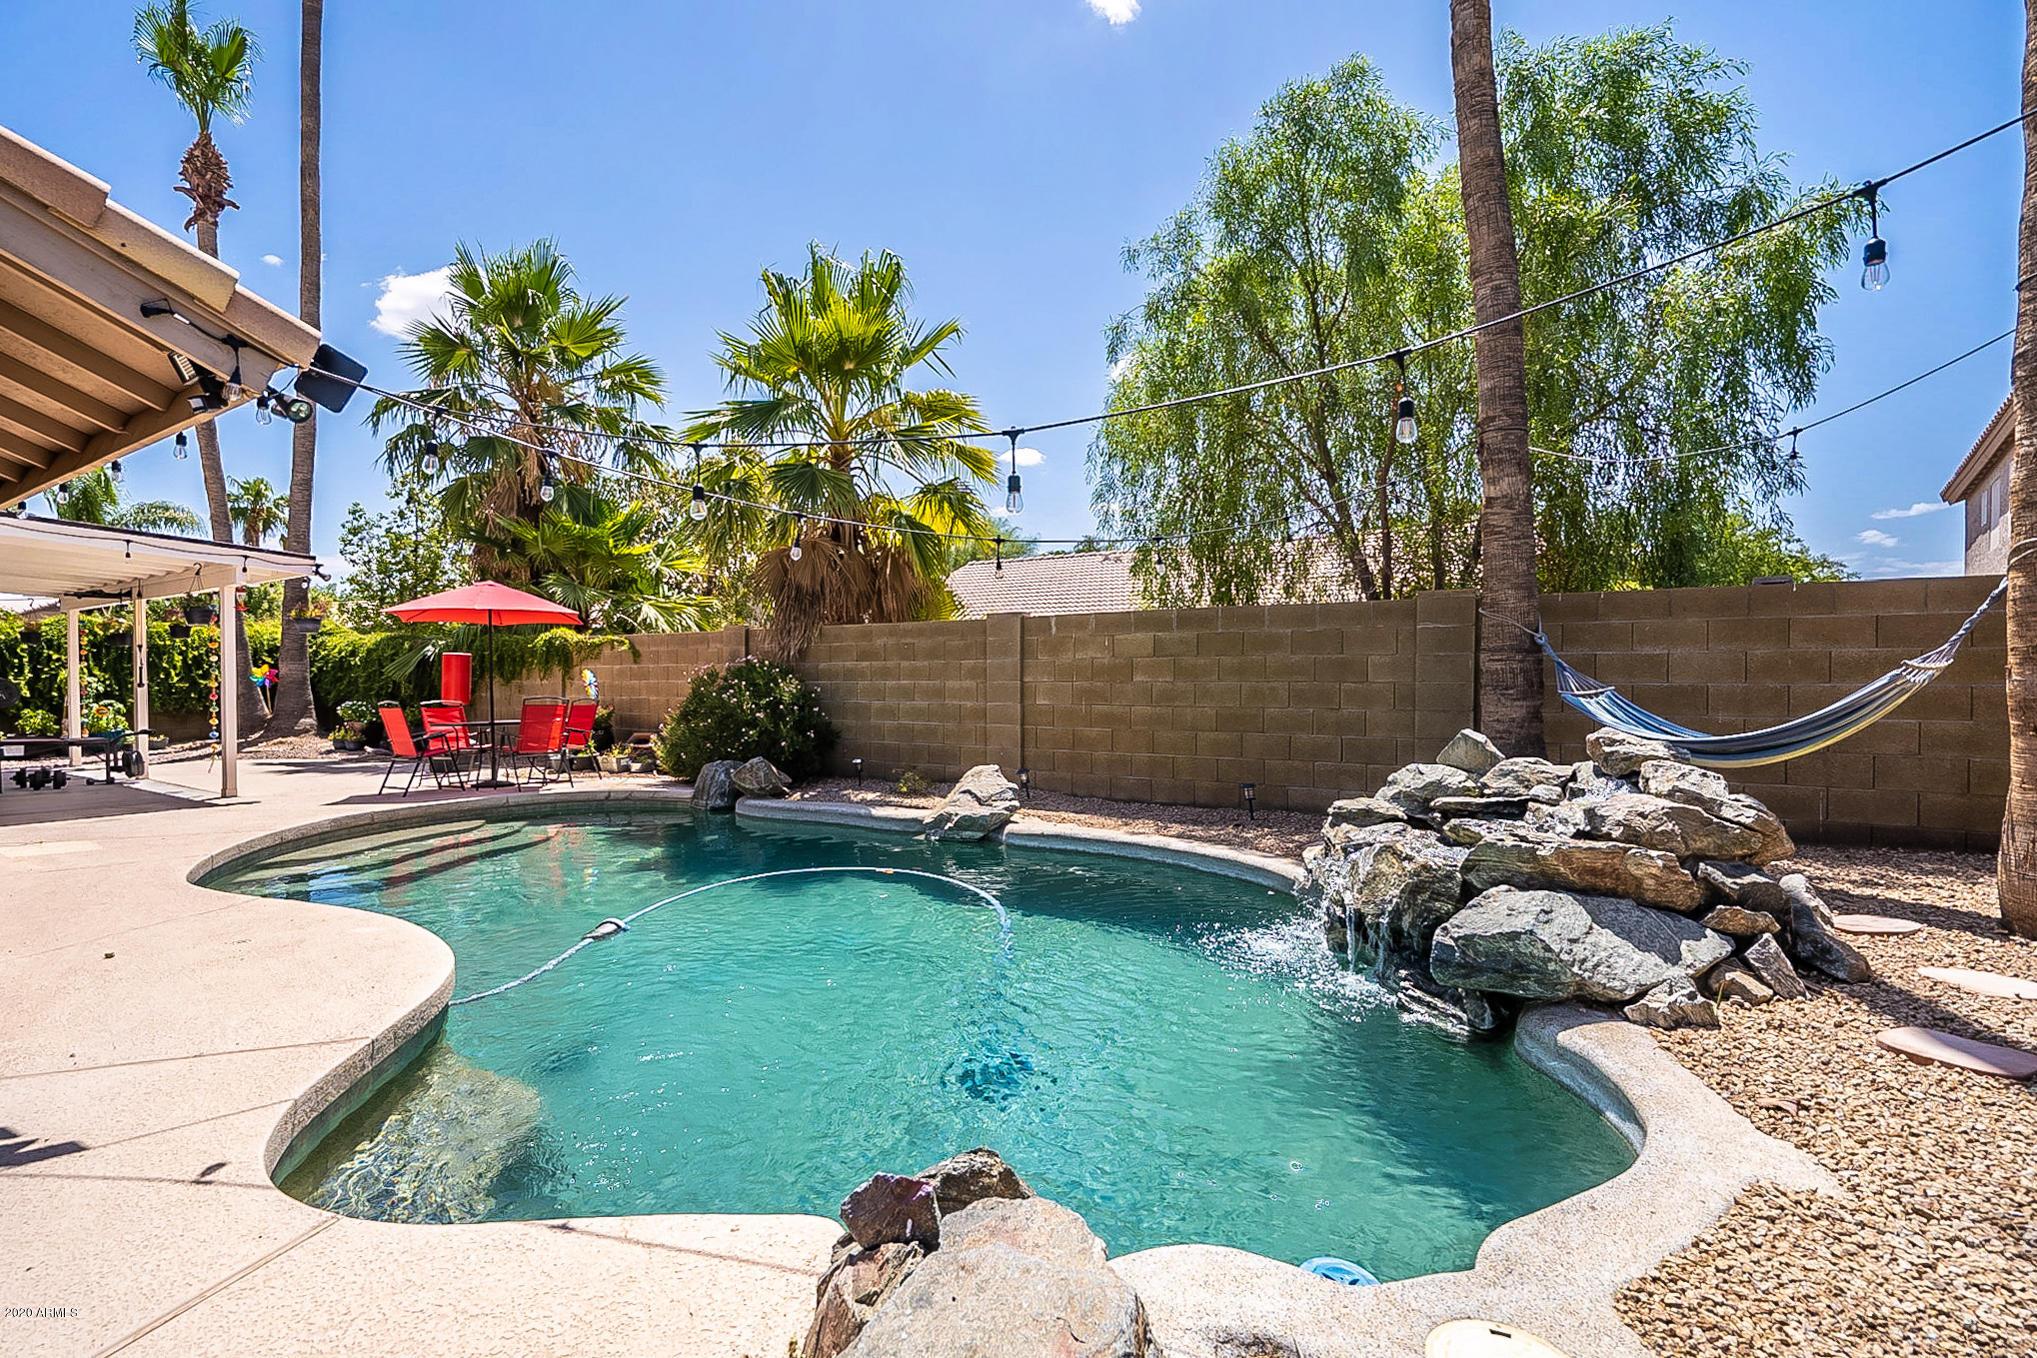 MLS 6098946 574 S CHERI LYNN Drive, Chandler, AZ 85225 Chandler AZ Private Pool